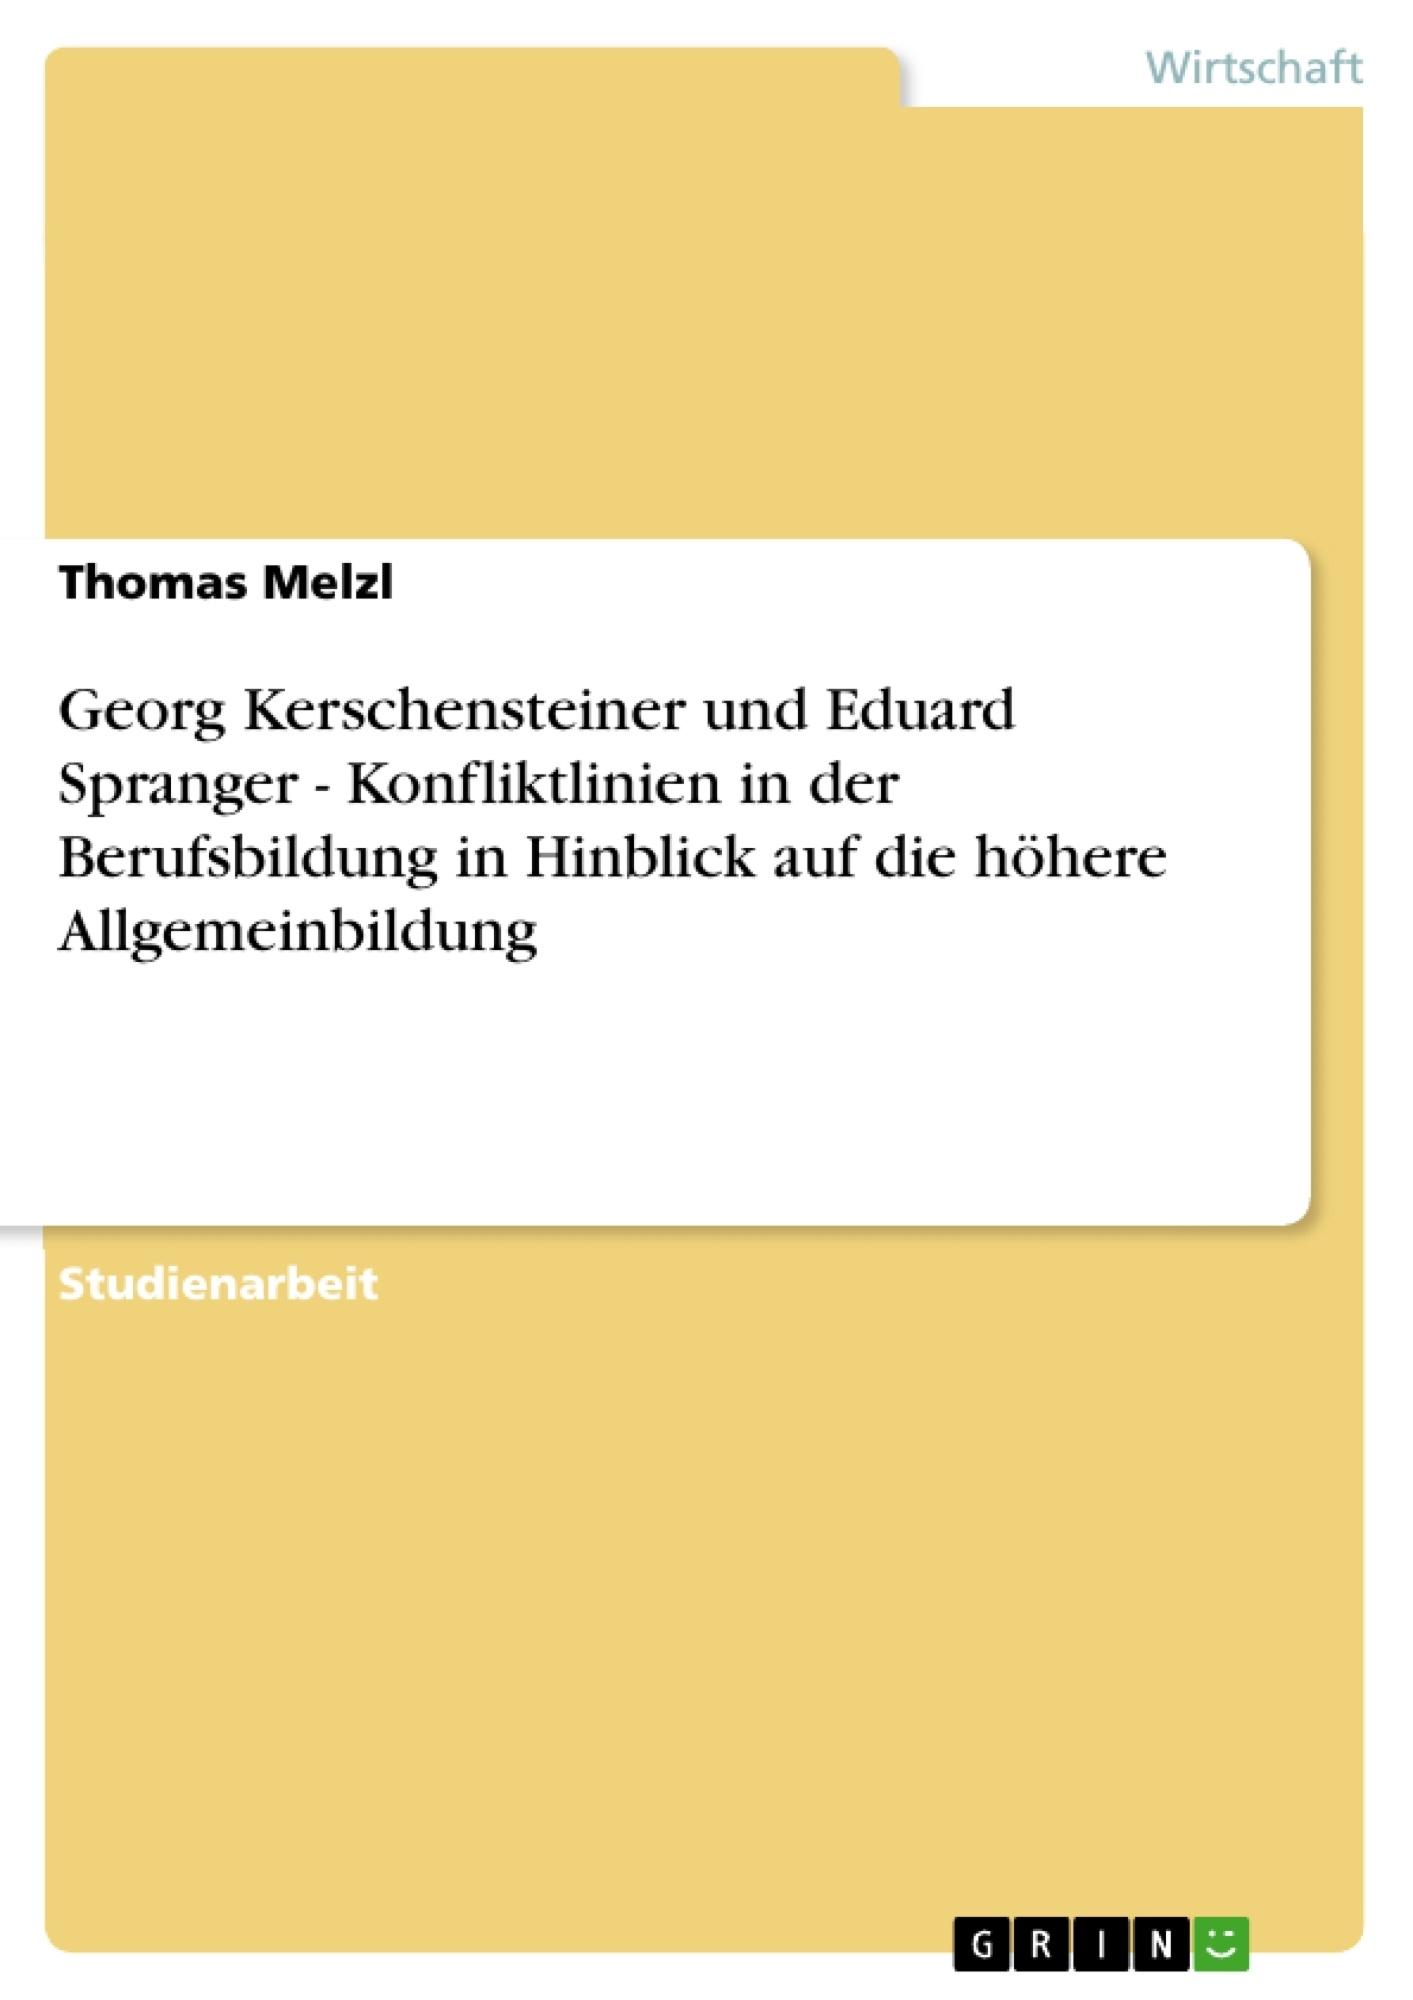 Titel: Georg Kerschensteiner und Eduard Spranger - Konfliktlinien in der Berufsbildung in Hinblick auf die höhere Allgemeinbildung